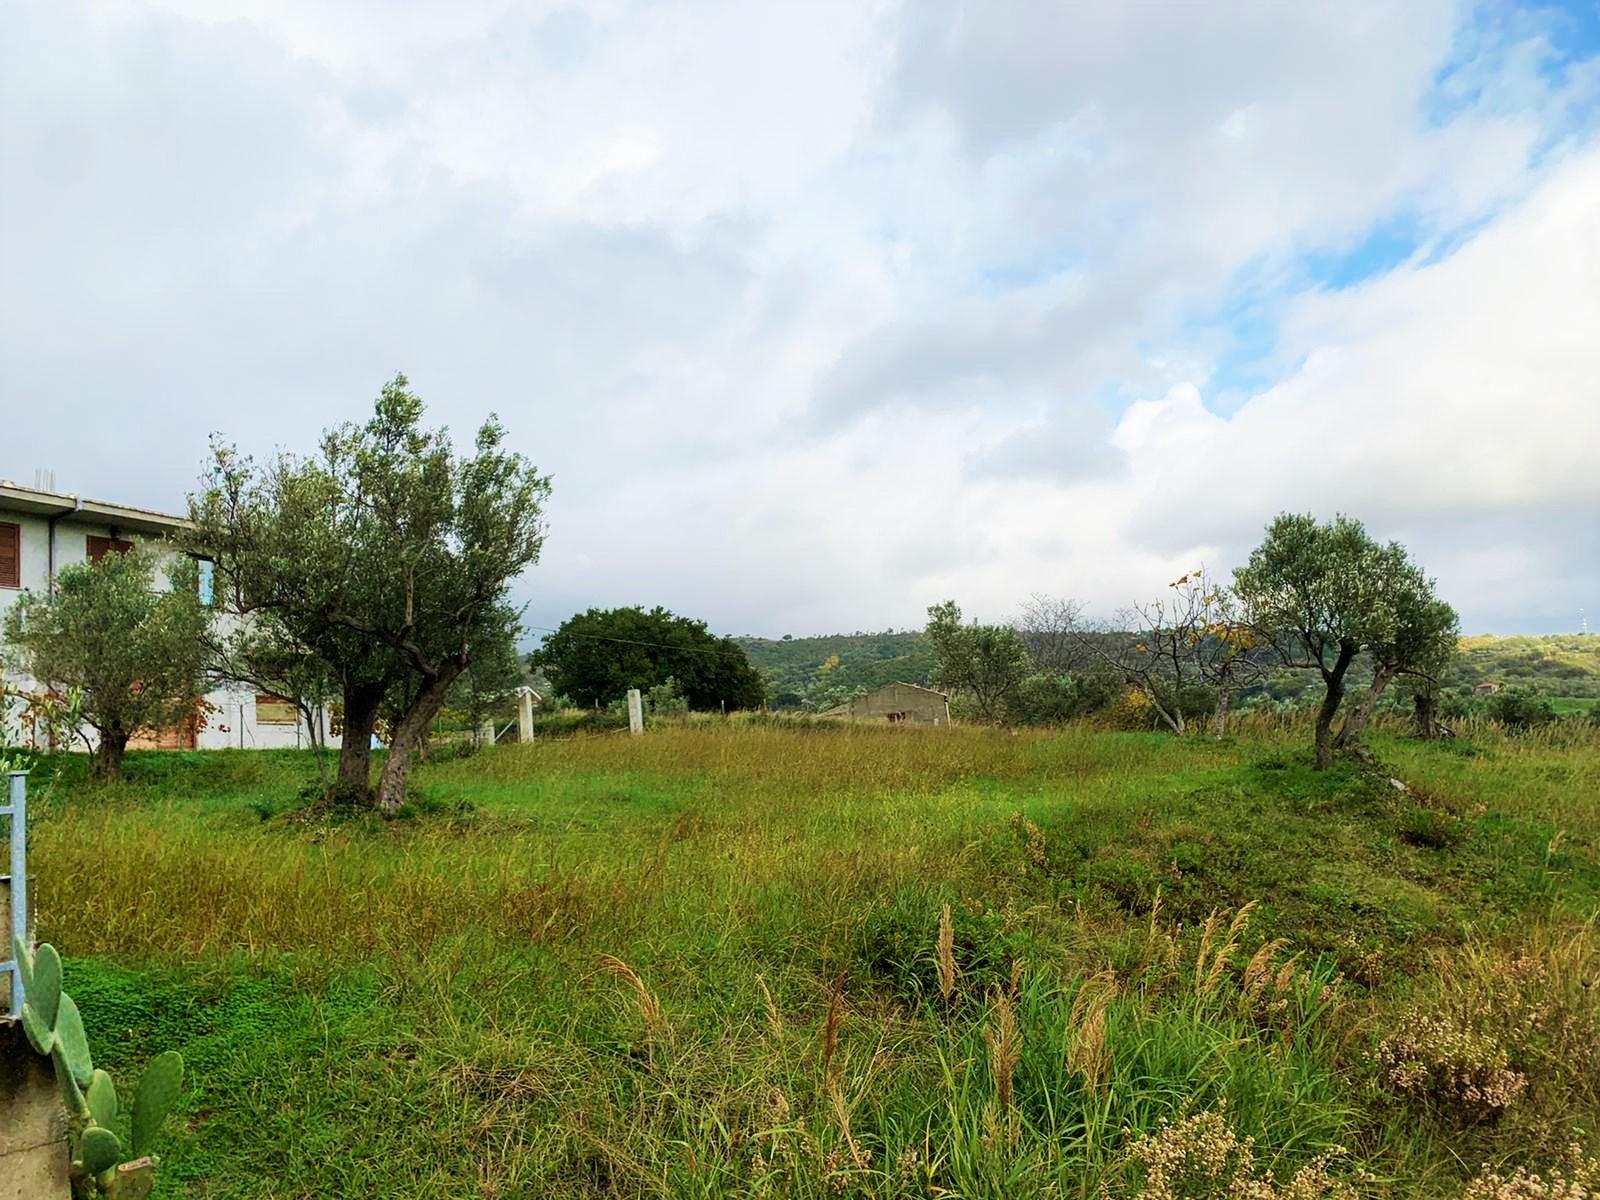 Terreno Edificabile Residenziale in vendita a Marcellinara, 9999 locali, prezzo € 40.000 | CambioCasa.it